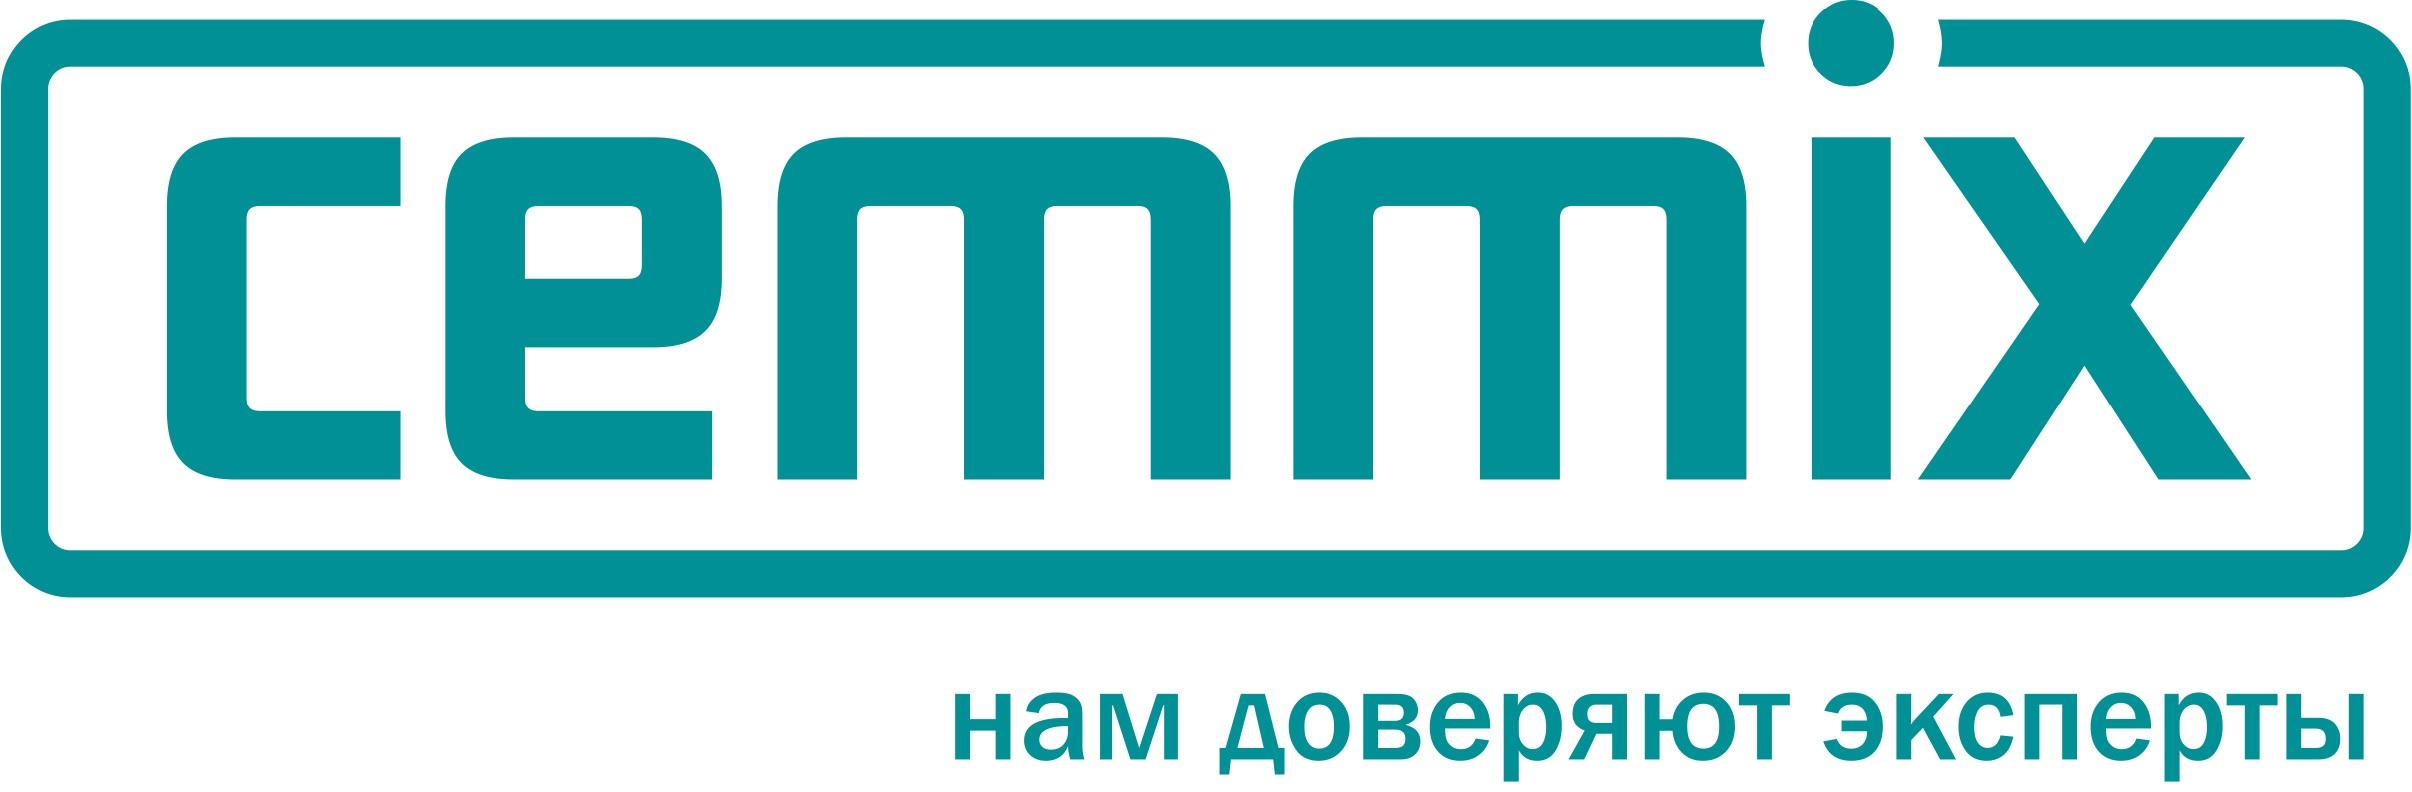 Работа в компании «Цеммикс» в Санкт-Петербурга